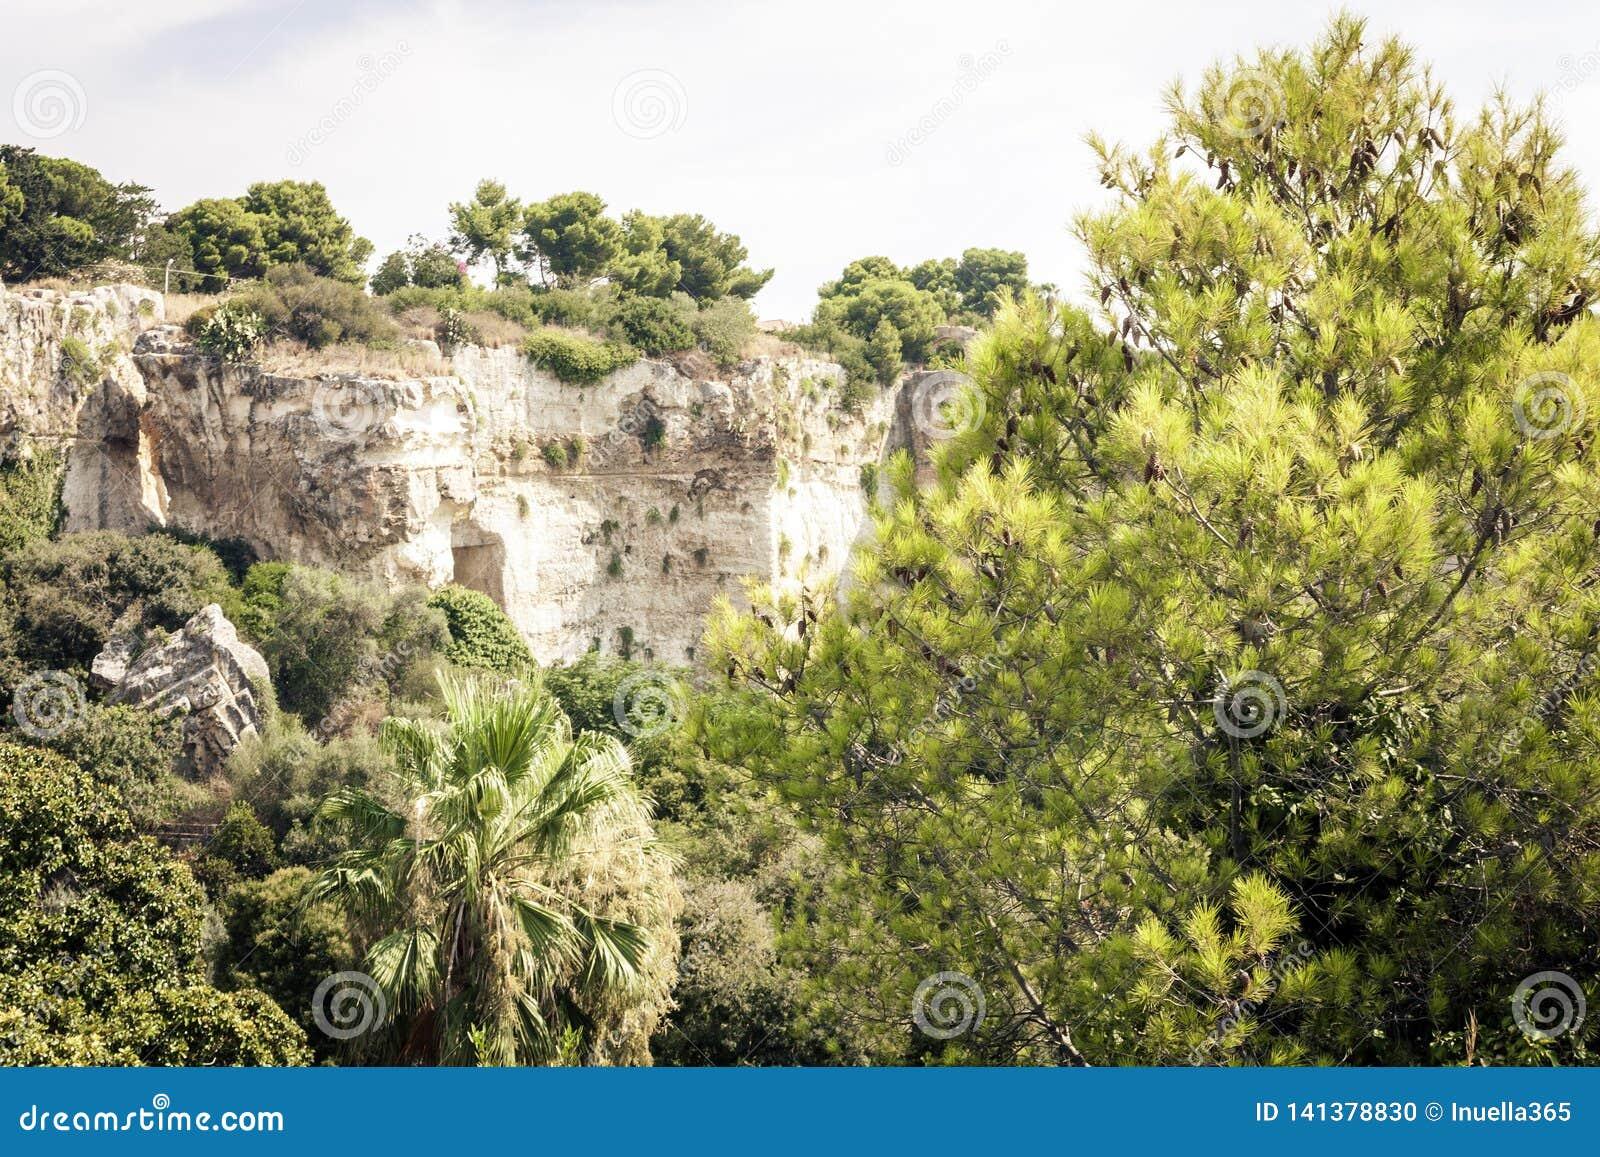 Πάρκο Archeological, βράχοι κοντά στο ελληνικό θέατρο των Συρακουσών, καταστροφές του αρχαίου μνημείου, Σικελία, Ιταλία